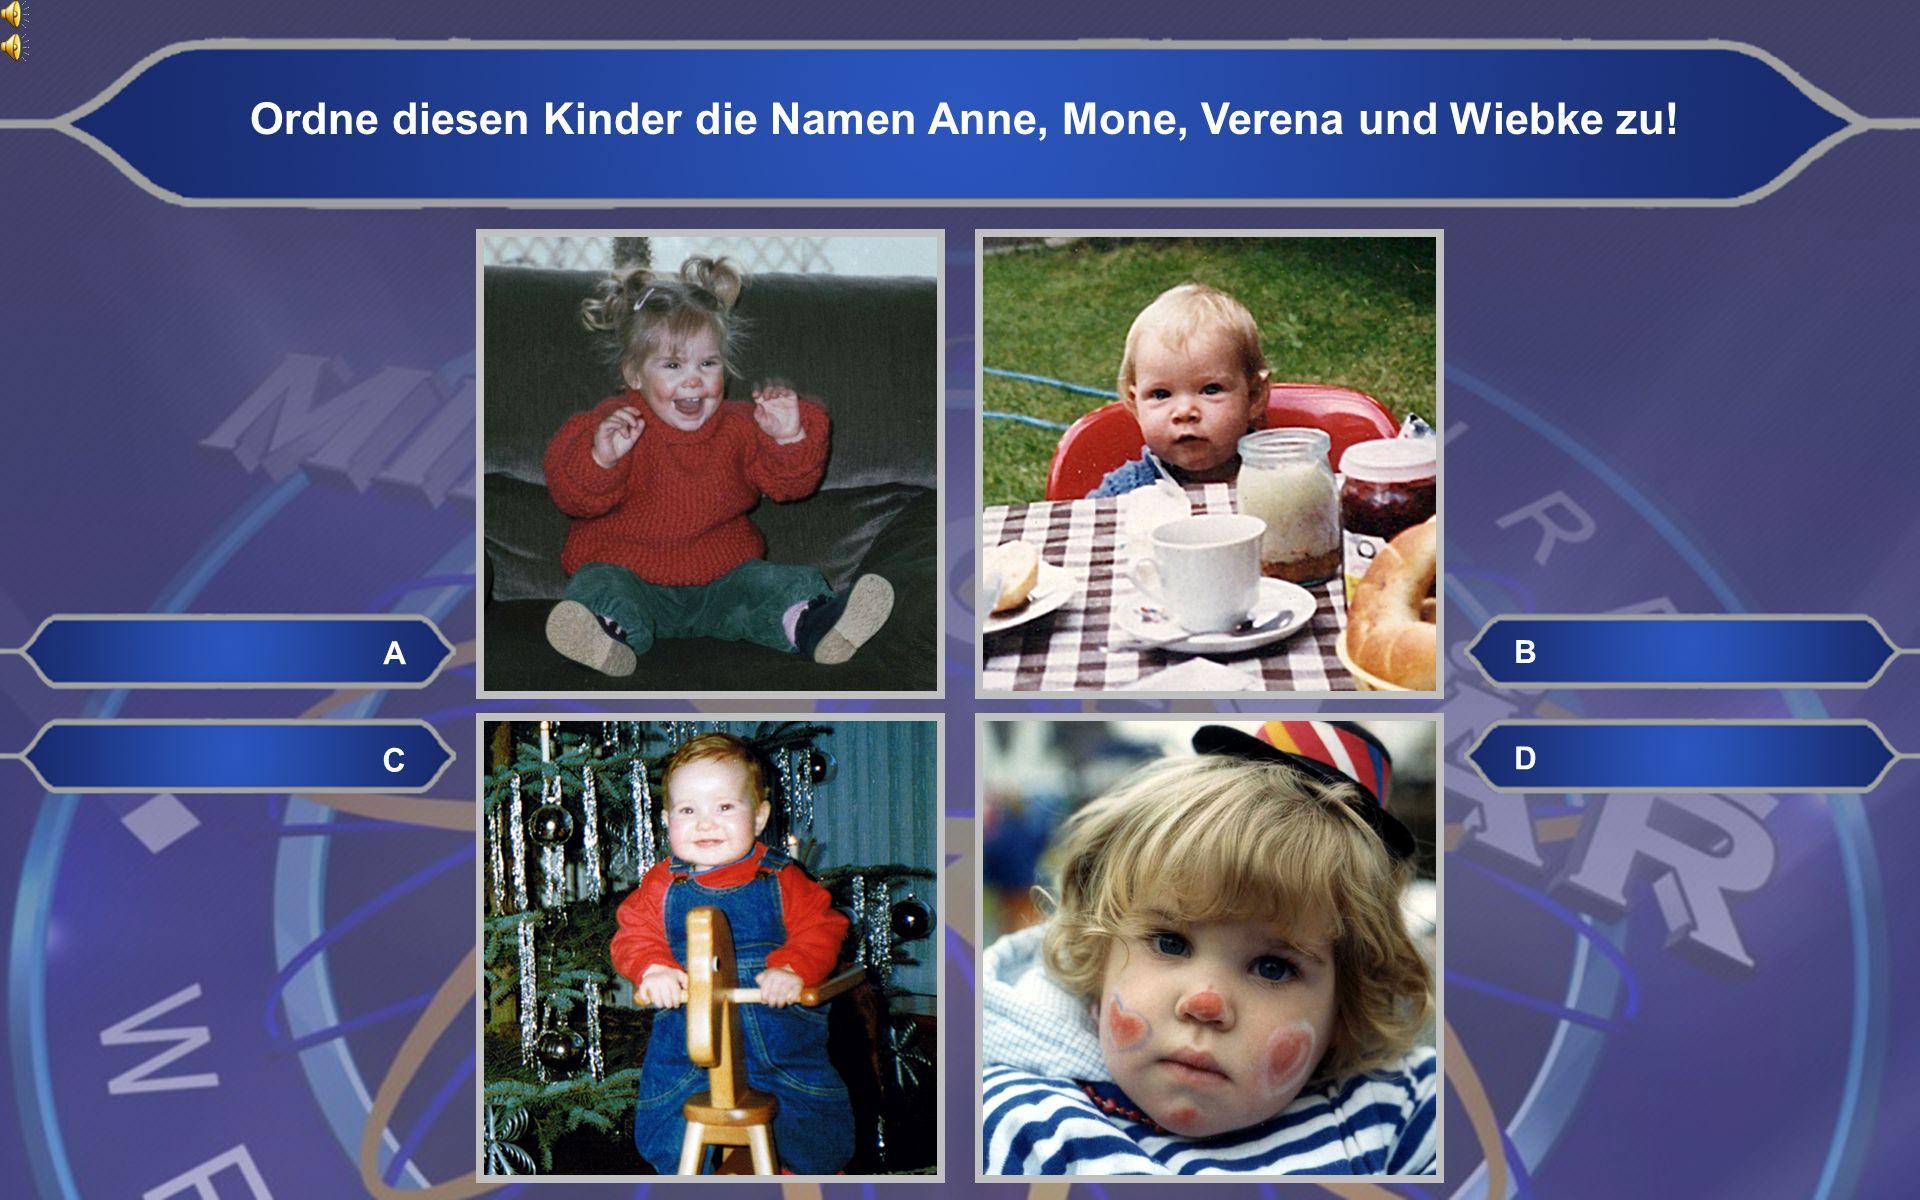 A B D C Ordne diesen Kinder die Namen Anne, Mone, Verena und Wiebke zu!